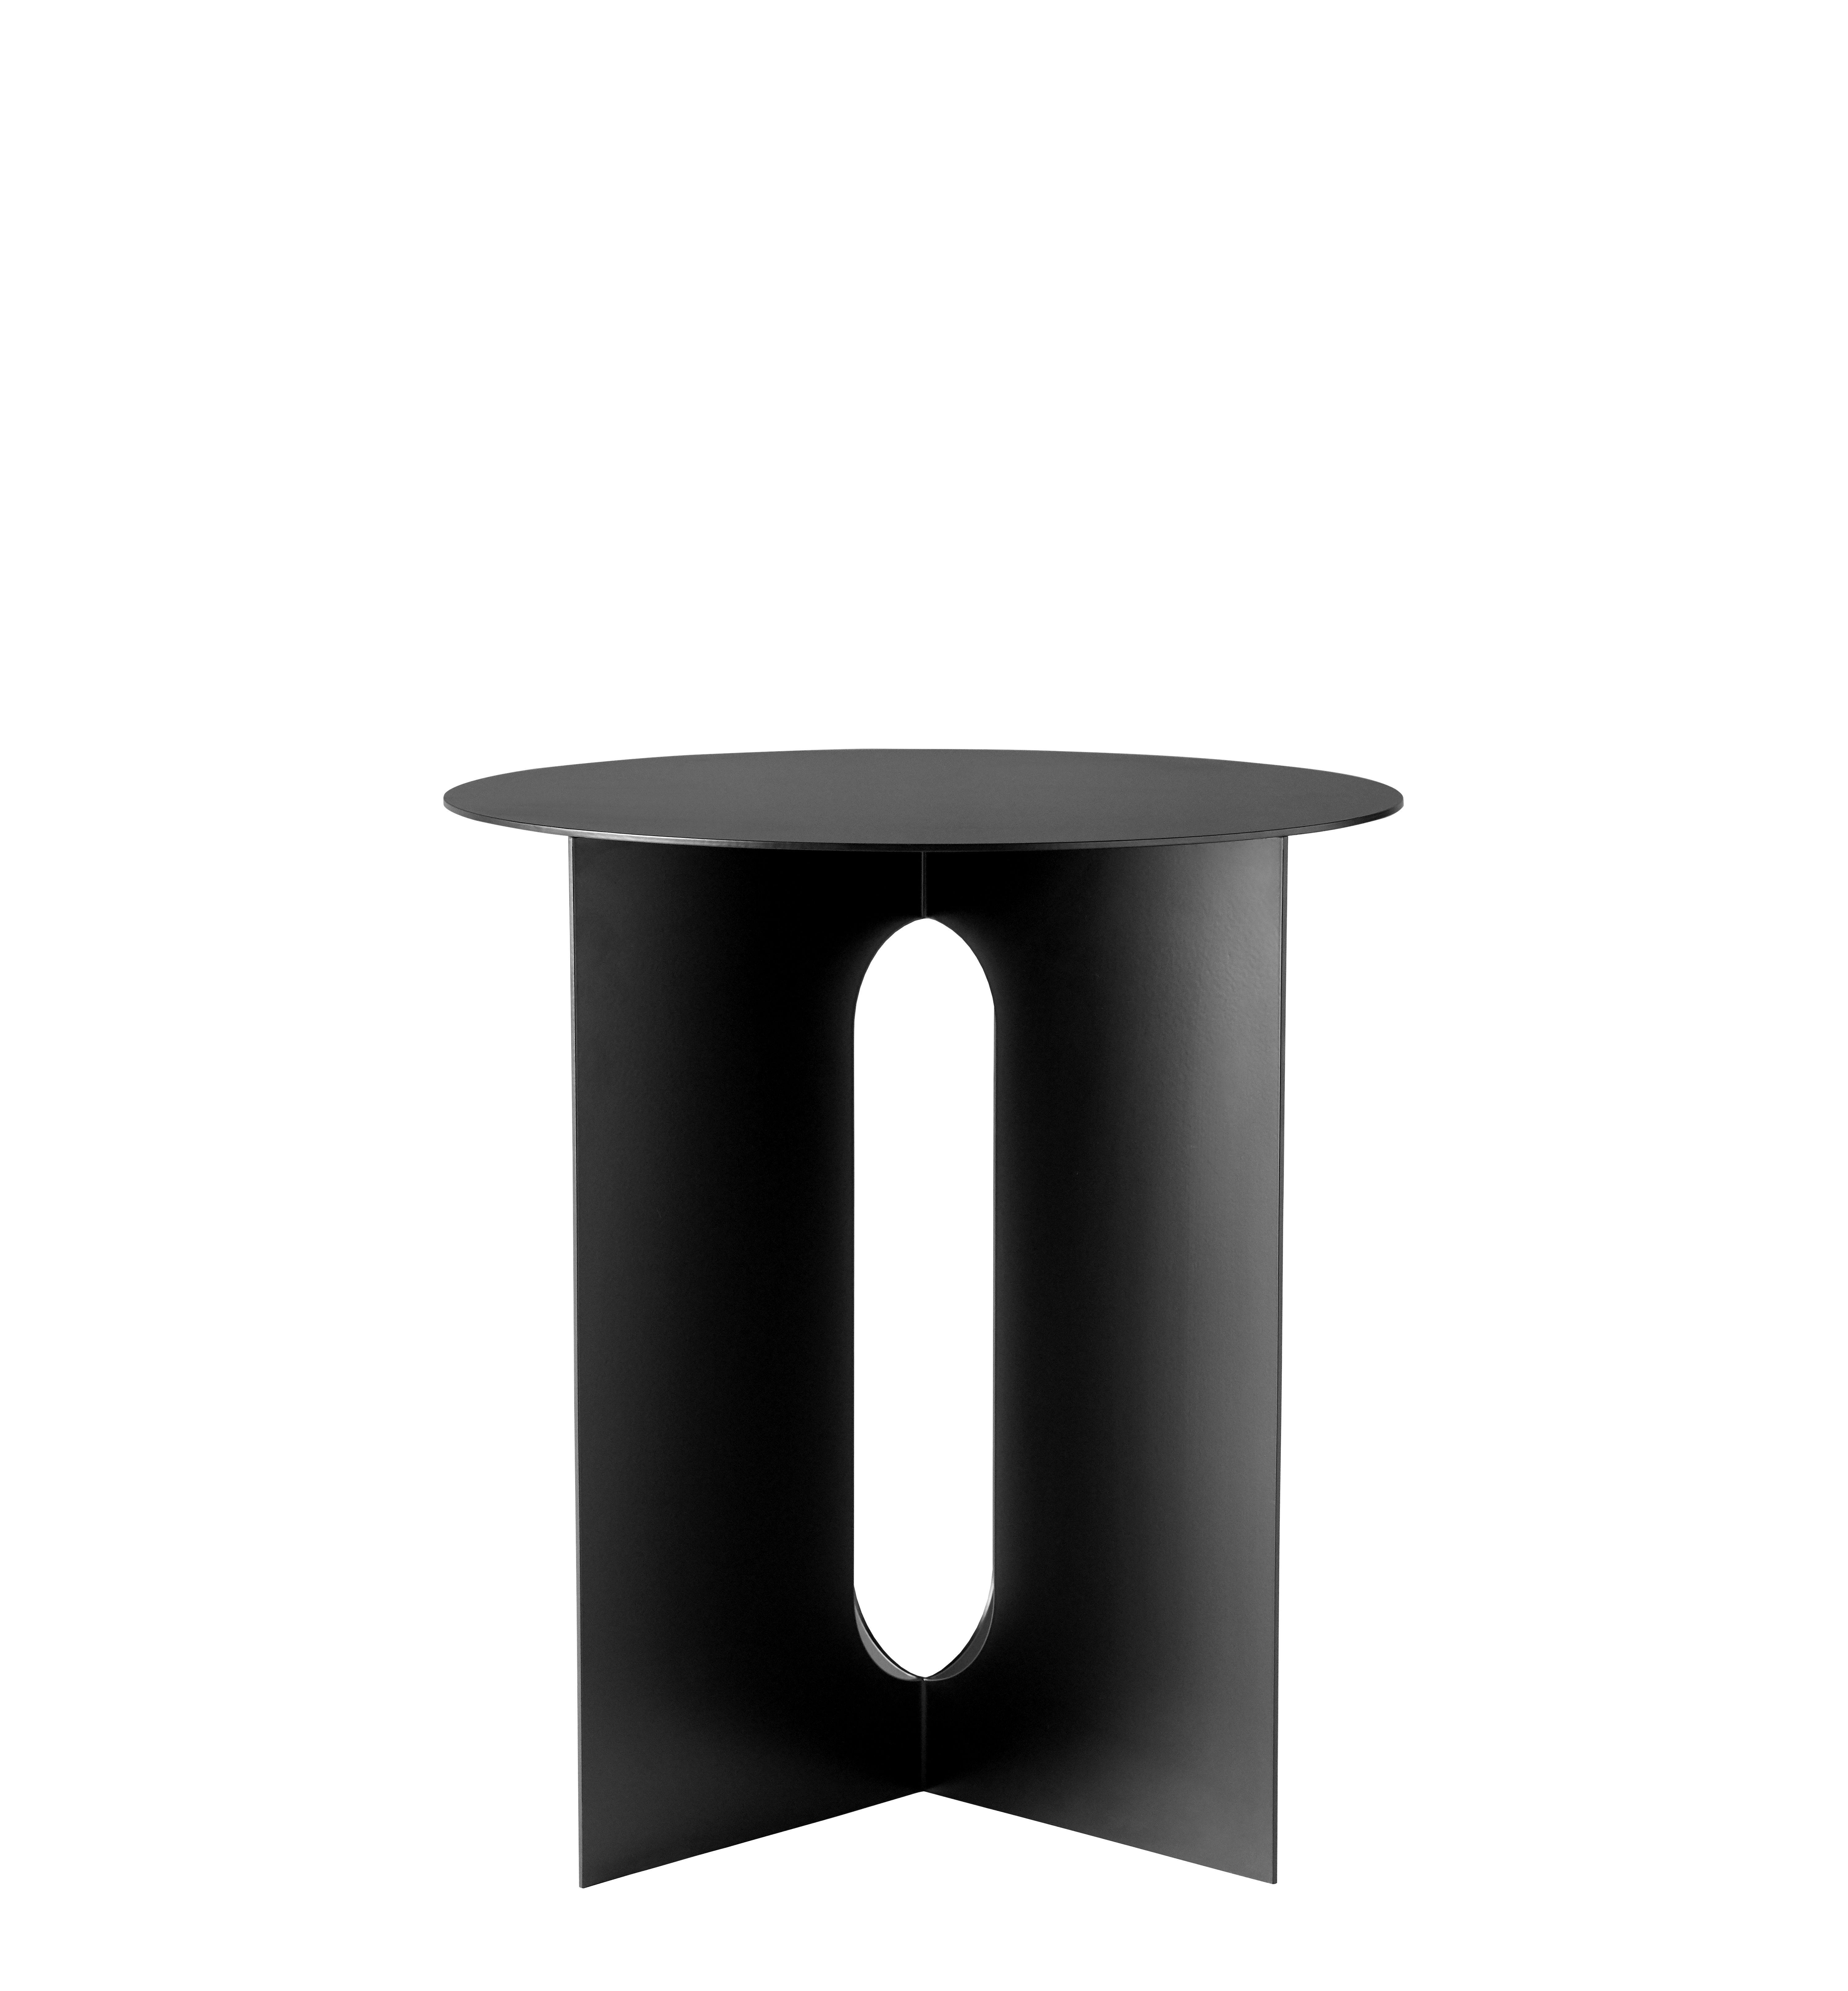 Arredamento - Tavolini  - Tavolino d'appoggio Androgyne - / Acciaio di Menu - Tavolo / Acciaio nero - Acciaio epossidico